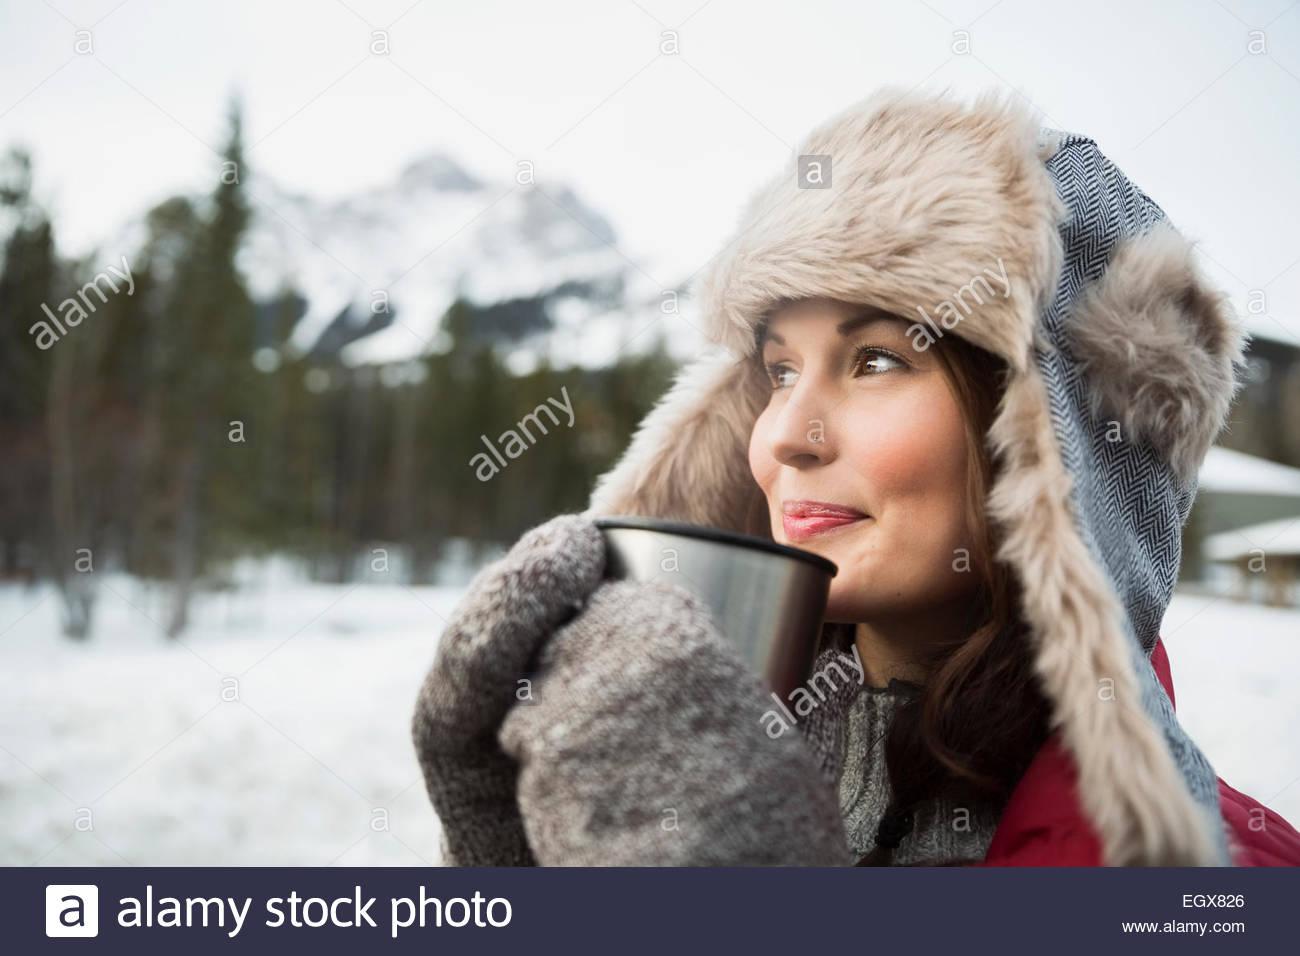 Woman in fur hat de boire un chocolat chaud à l'extérieur Photo Stock